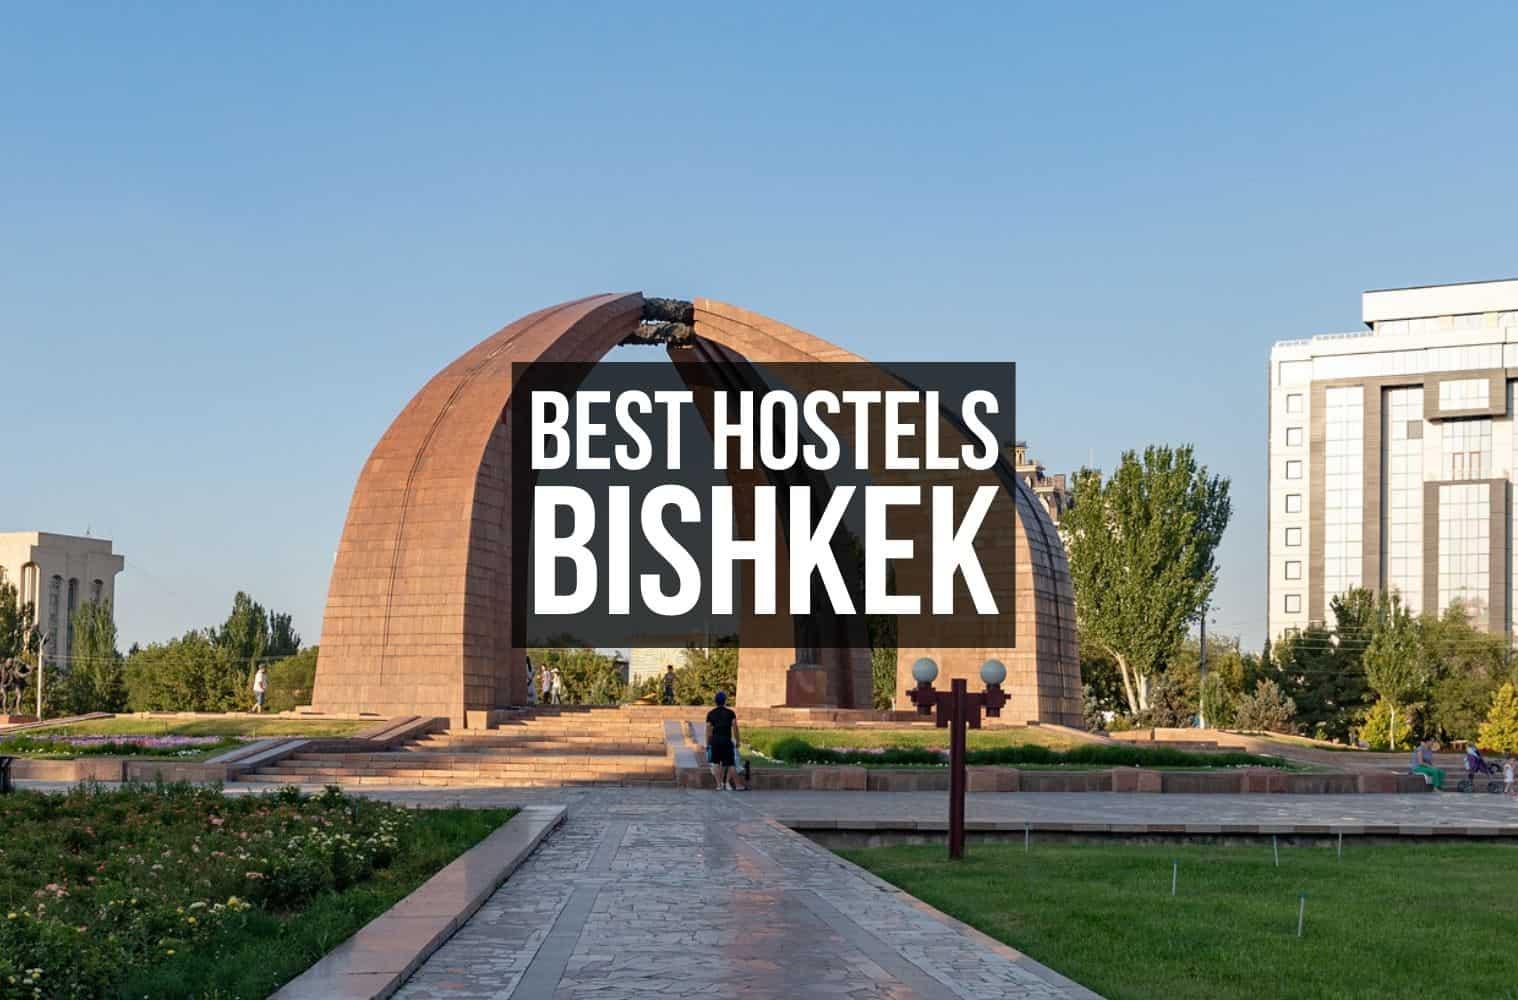 Best Hostels Bishkek